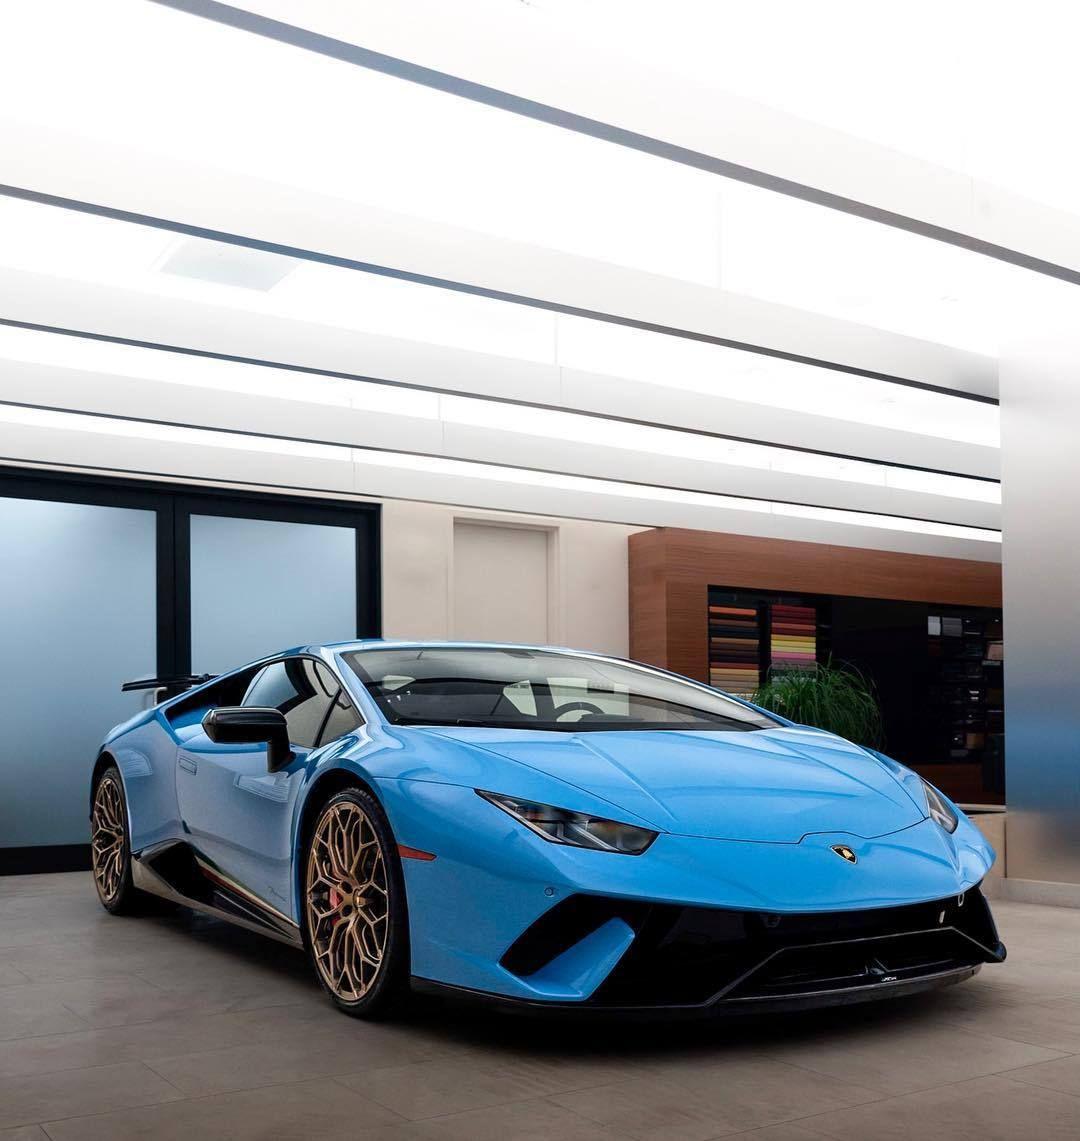 Light Blue Bull Lamborghini Huracan Performante Best Luxury Cars Blue Lamborghini Top Luxury Cars